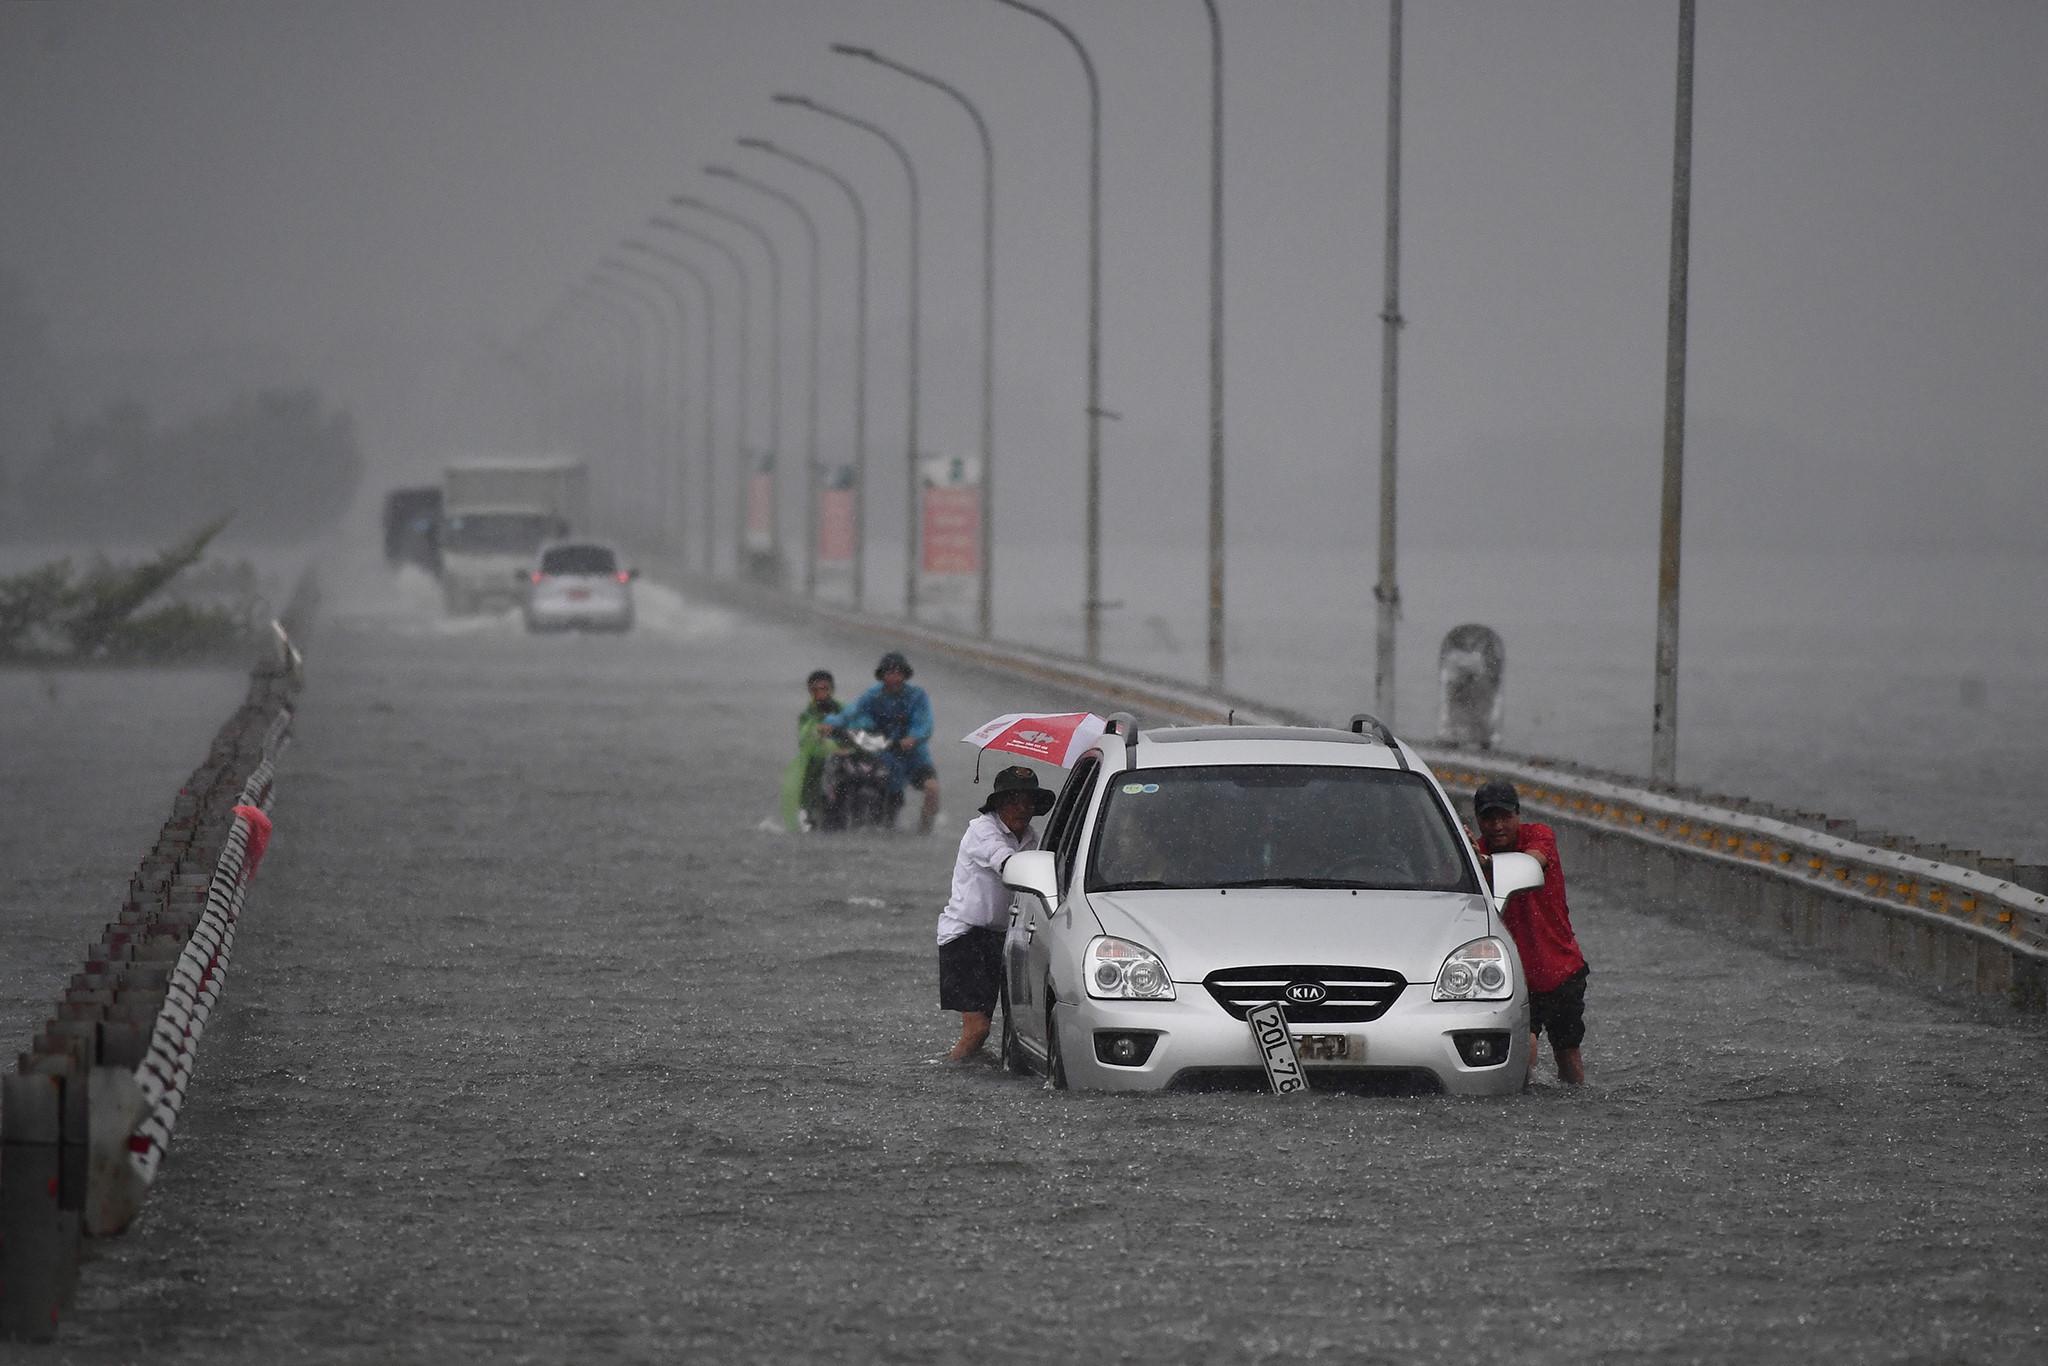 Nước ngập chưa rút, Hà Nội tiếp tục hứng mưa lớn